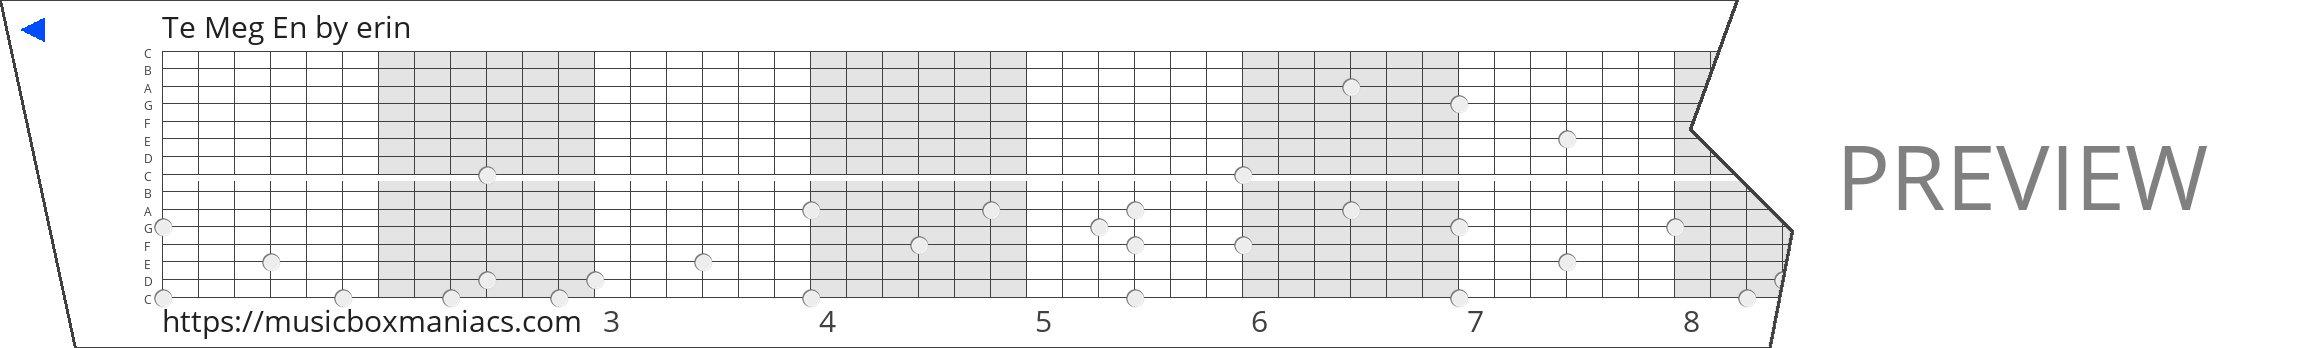 Te Meg En 15 note music box paper strip